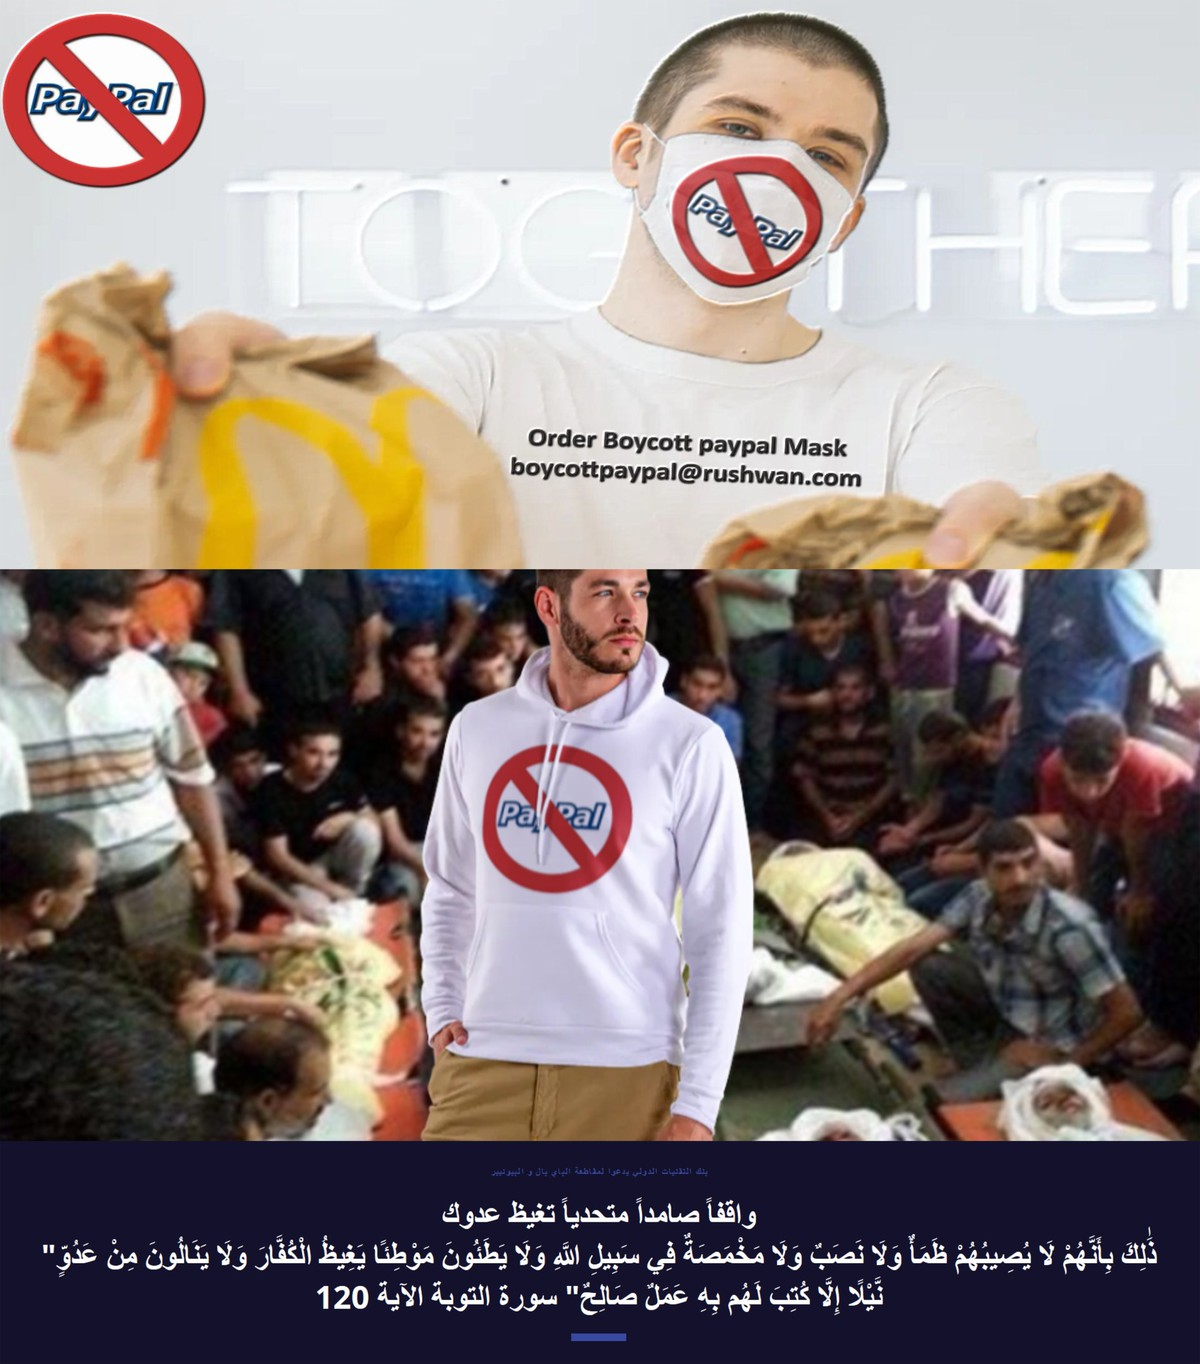 باي بال يدعم إسرائيل بالصور - أحموا أطفال فلسطين L